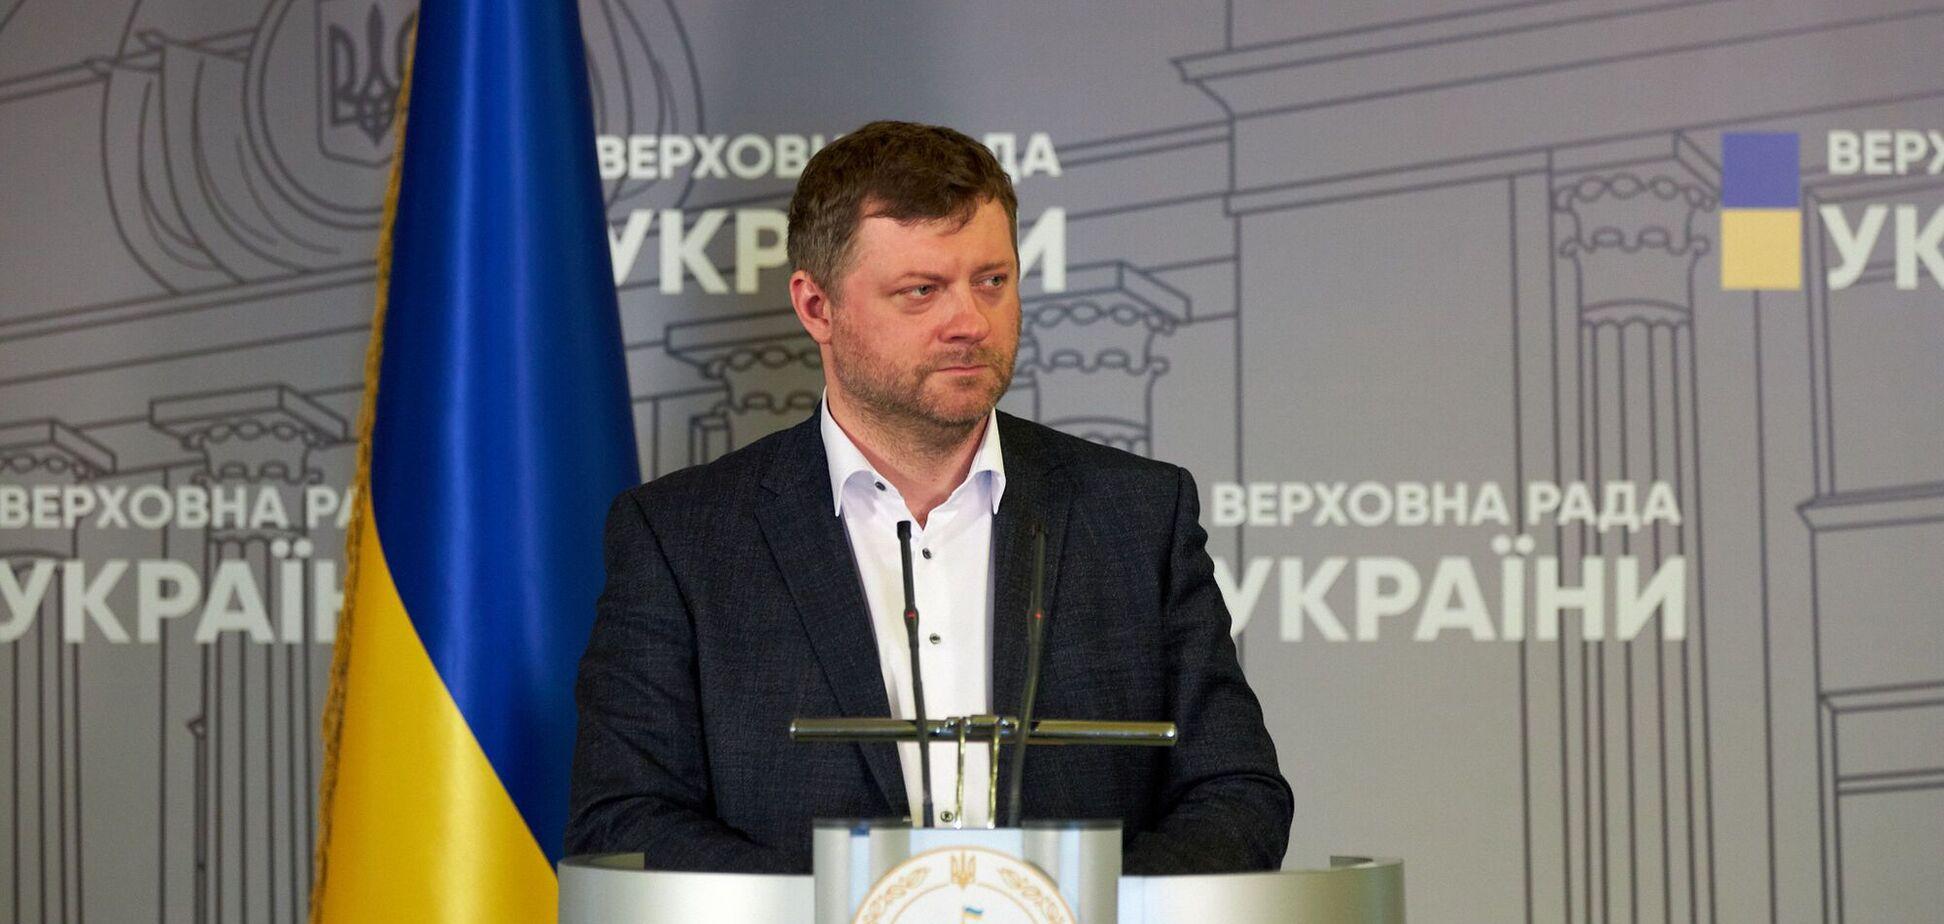 Олександр Корнієнко прокоментував результати паралельного підрахунку голосів штабом партії 'Слуга Народу'